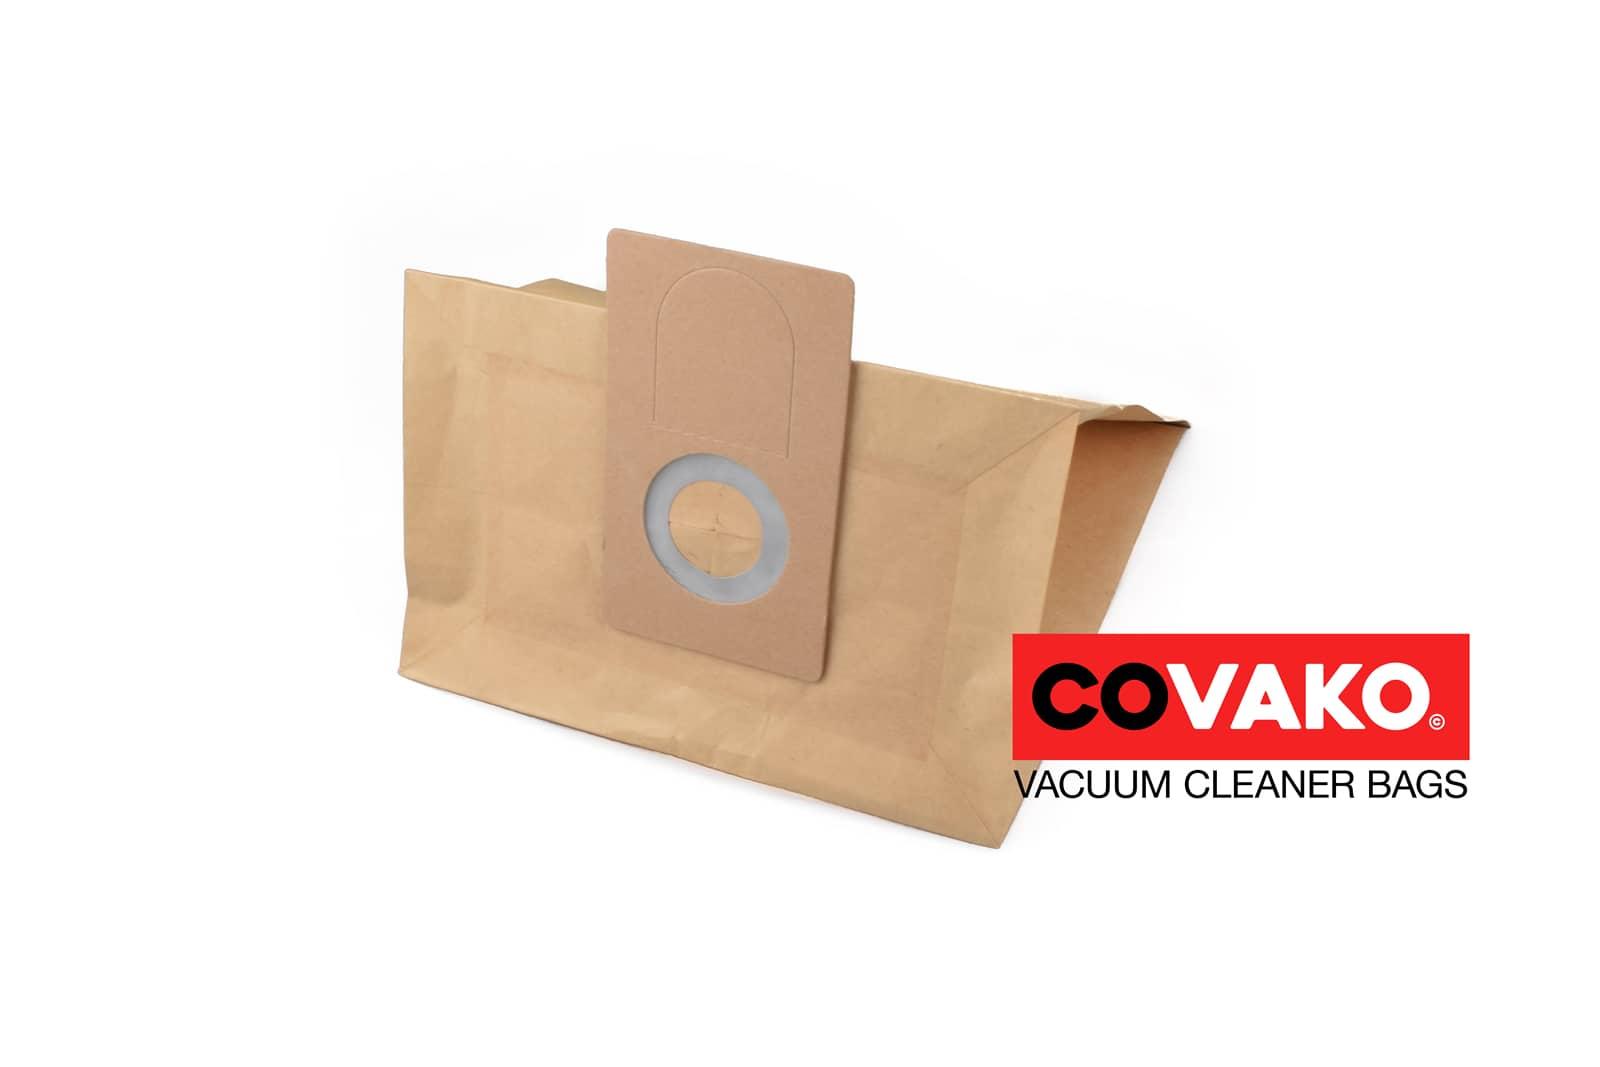 Lorito Major / Paper - Lorito vacuum cleaner bags